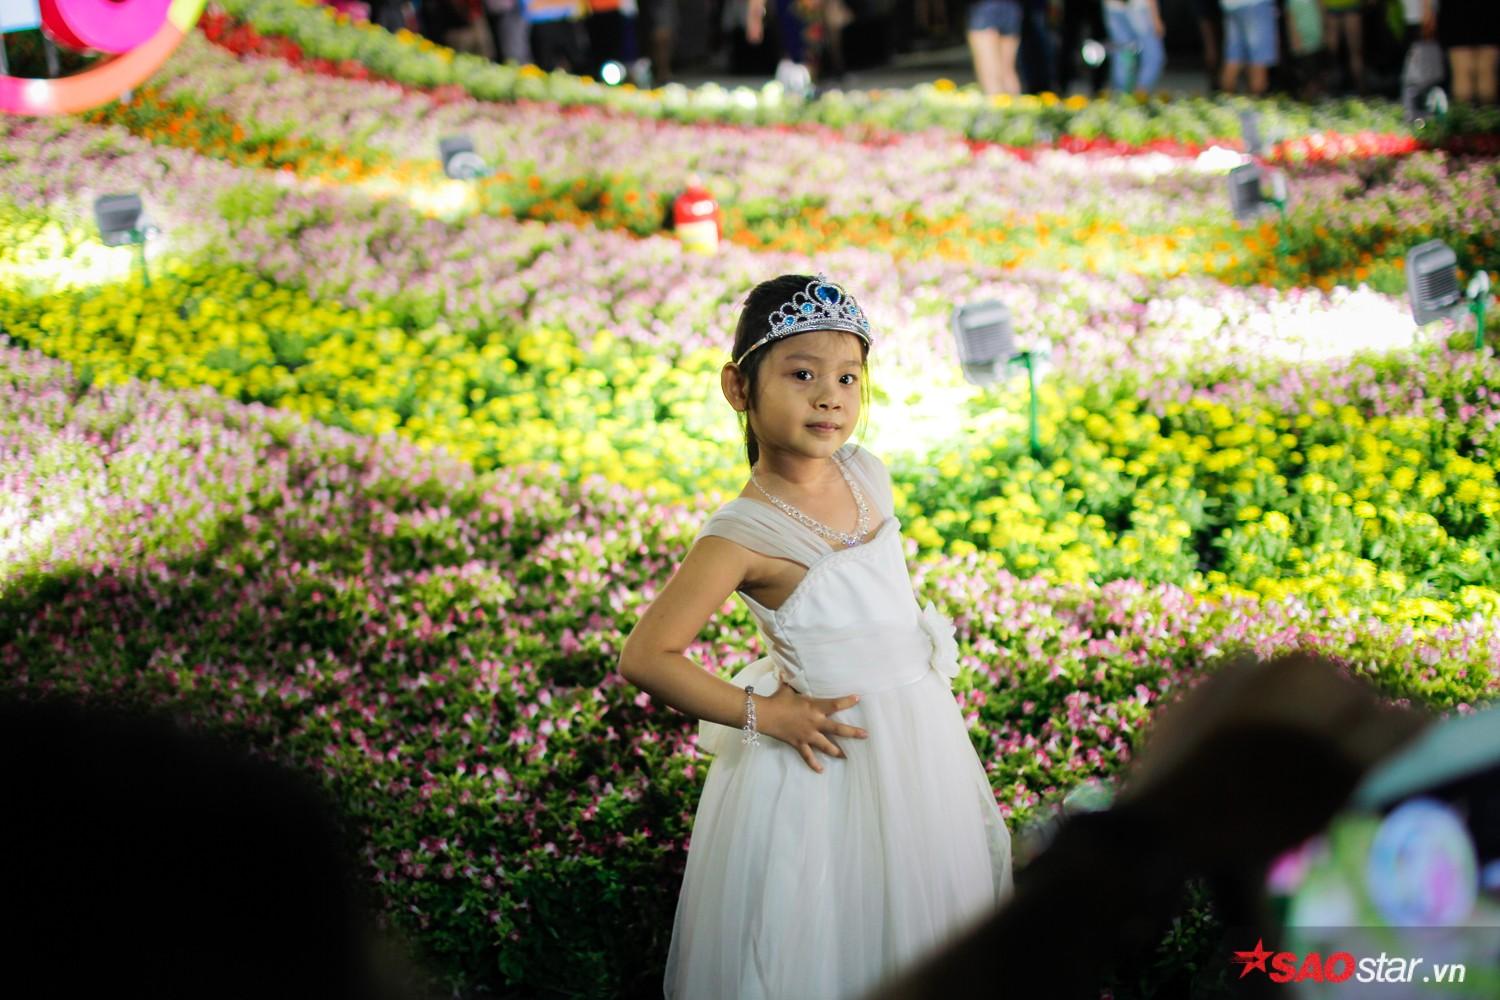 Công công chúa nhỏ giữa vườn hoa ngay.